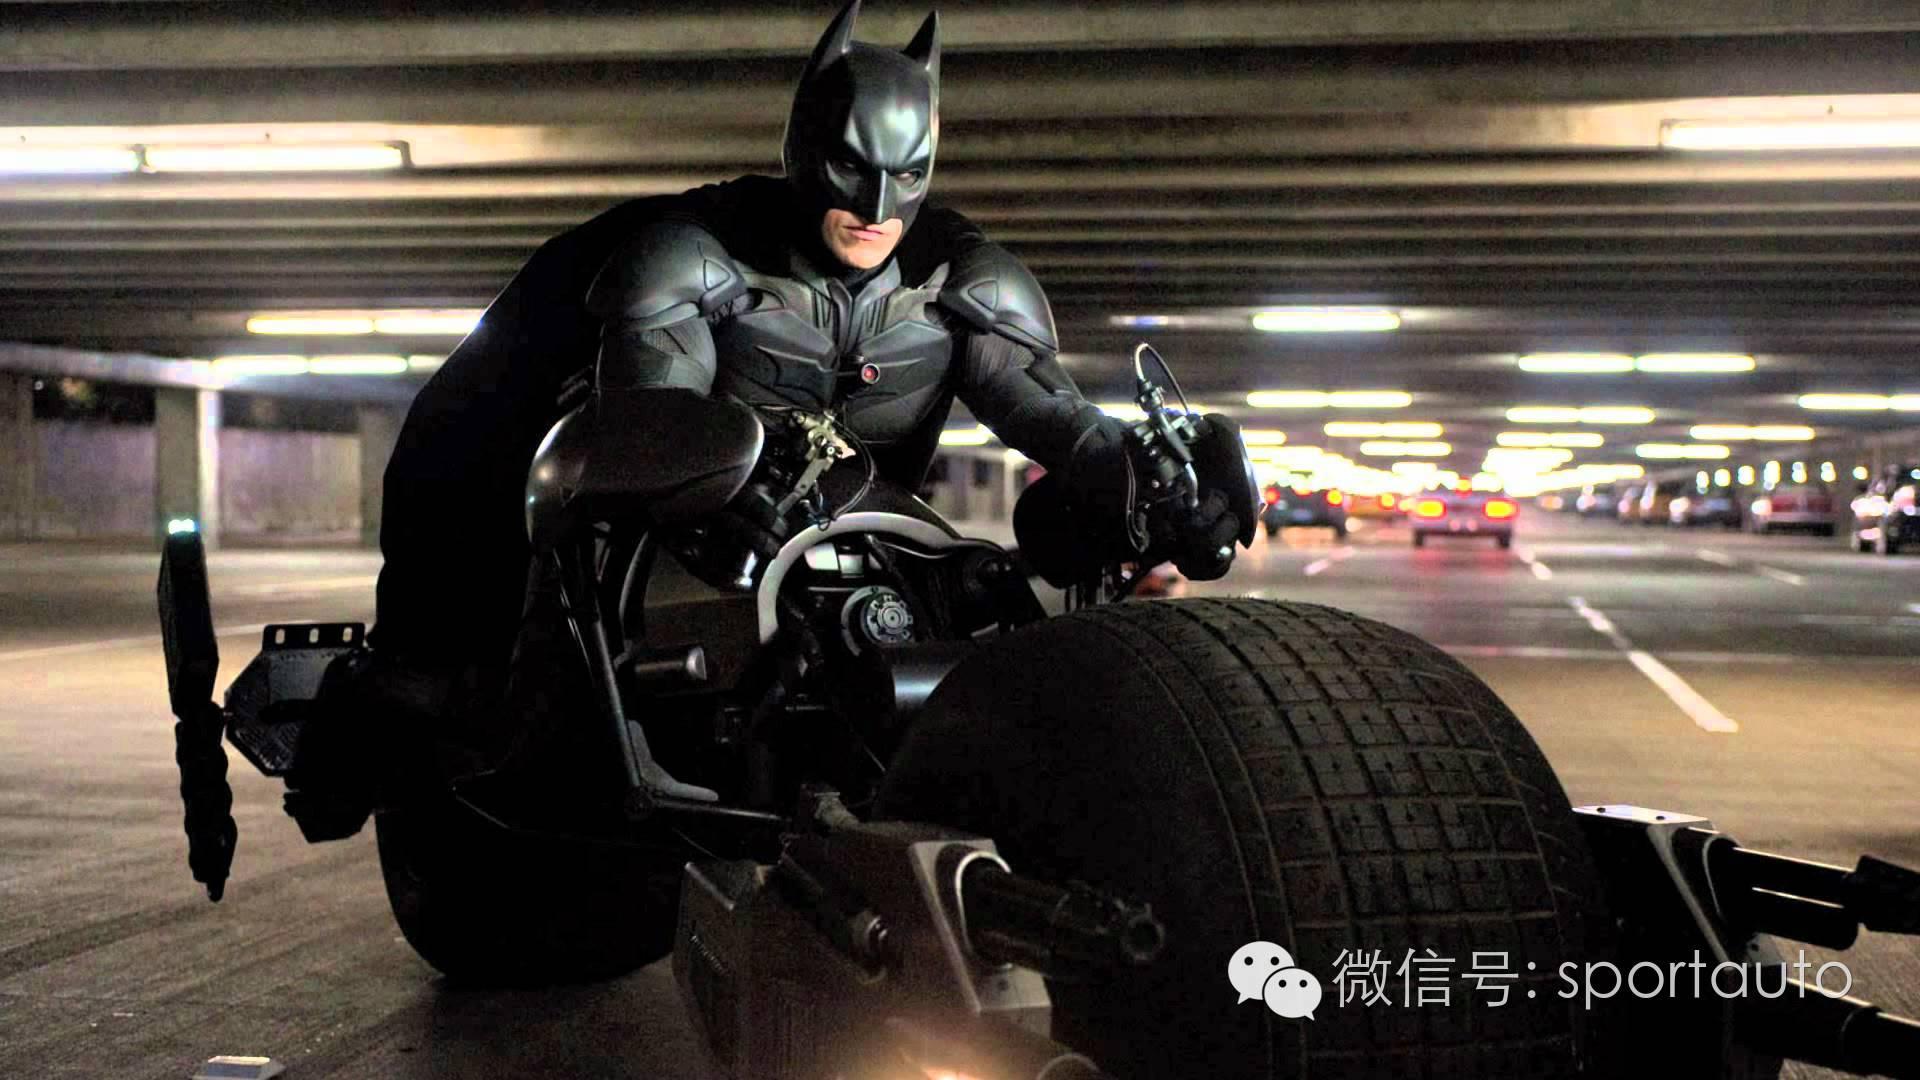 蝙蝠侠的Batpod,你也想来一辆么?